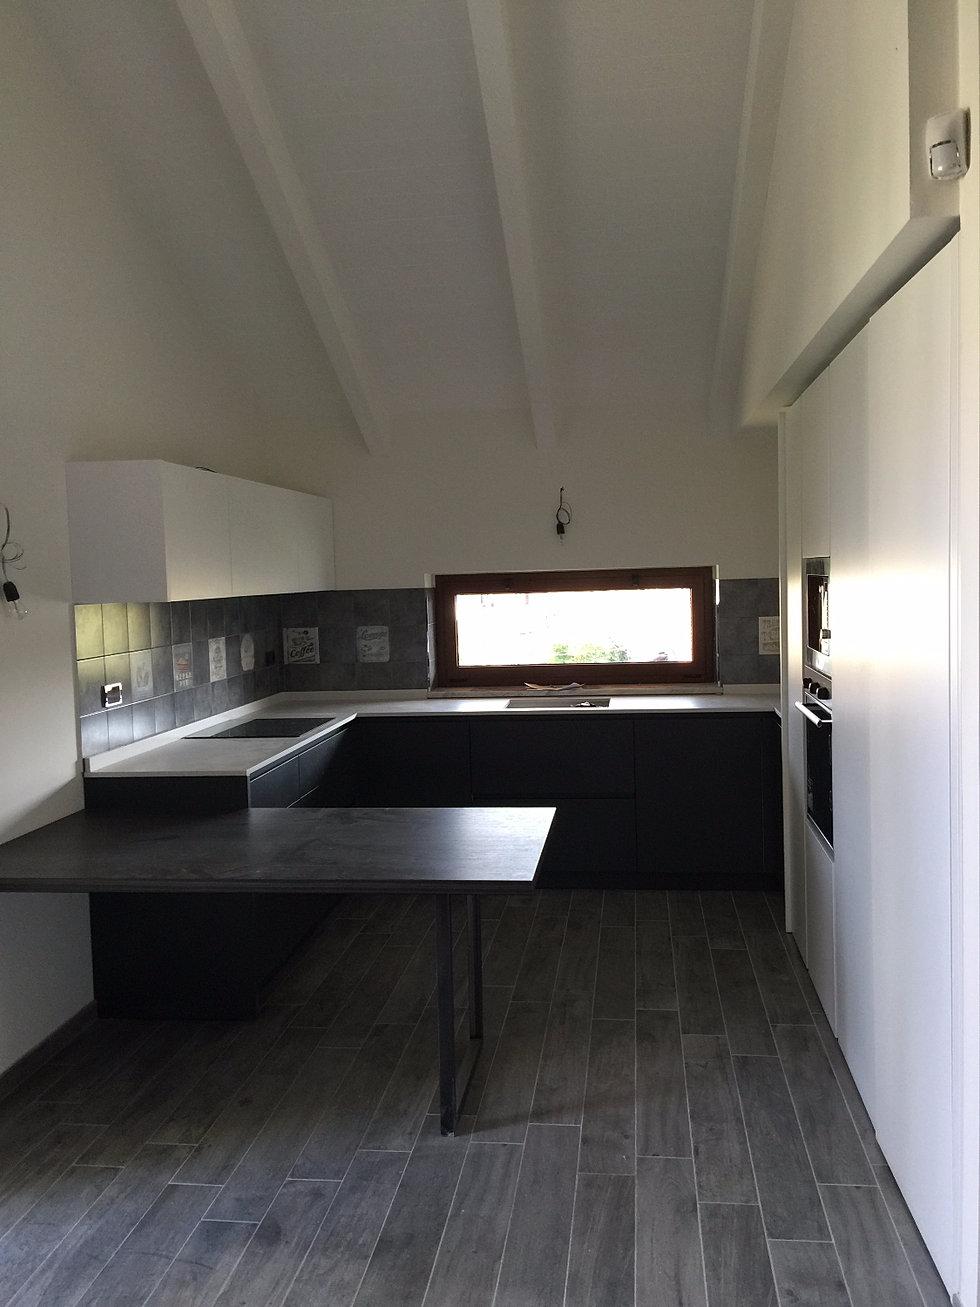 Progettazione interni arredamento design torino - Progettazione cucina on line ...